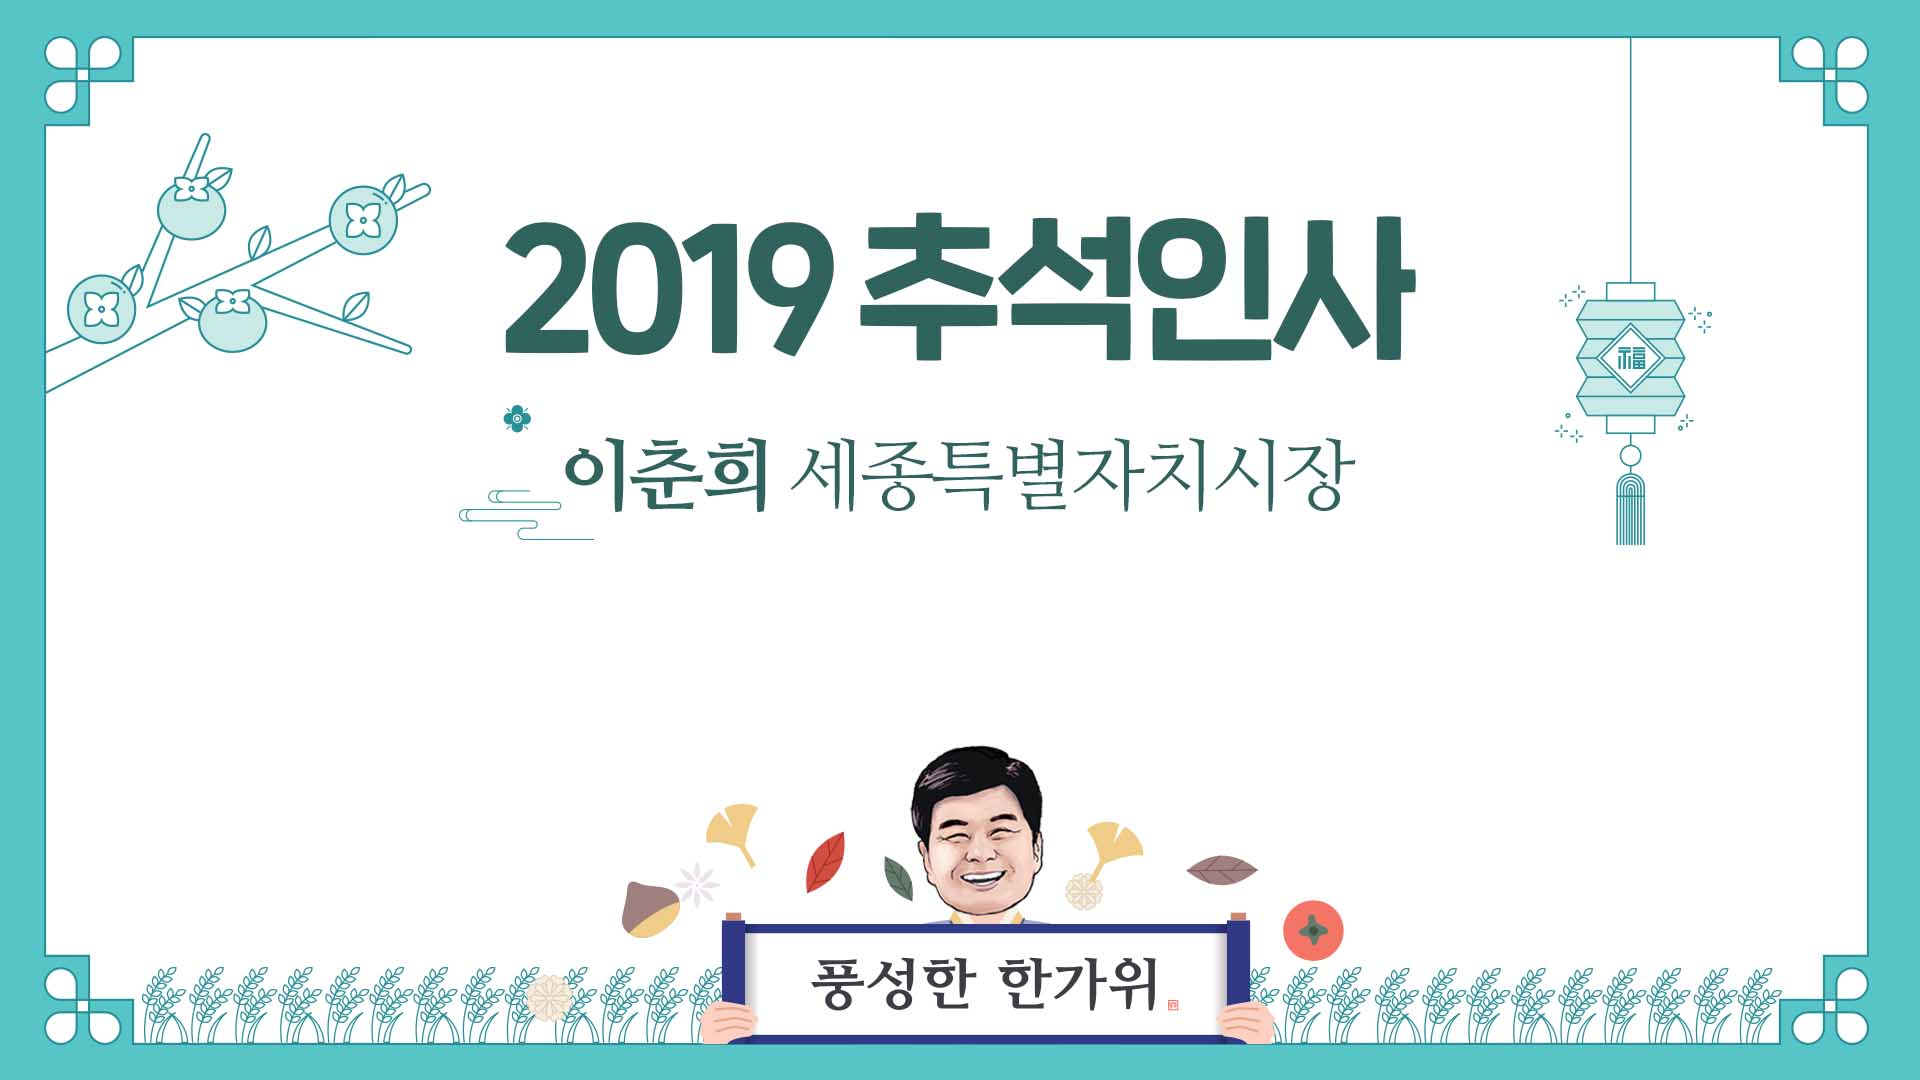 2019 추석인사